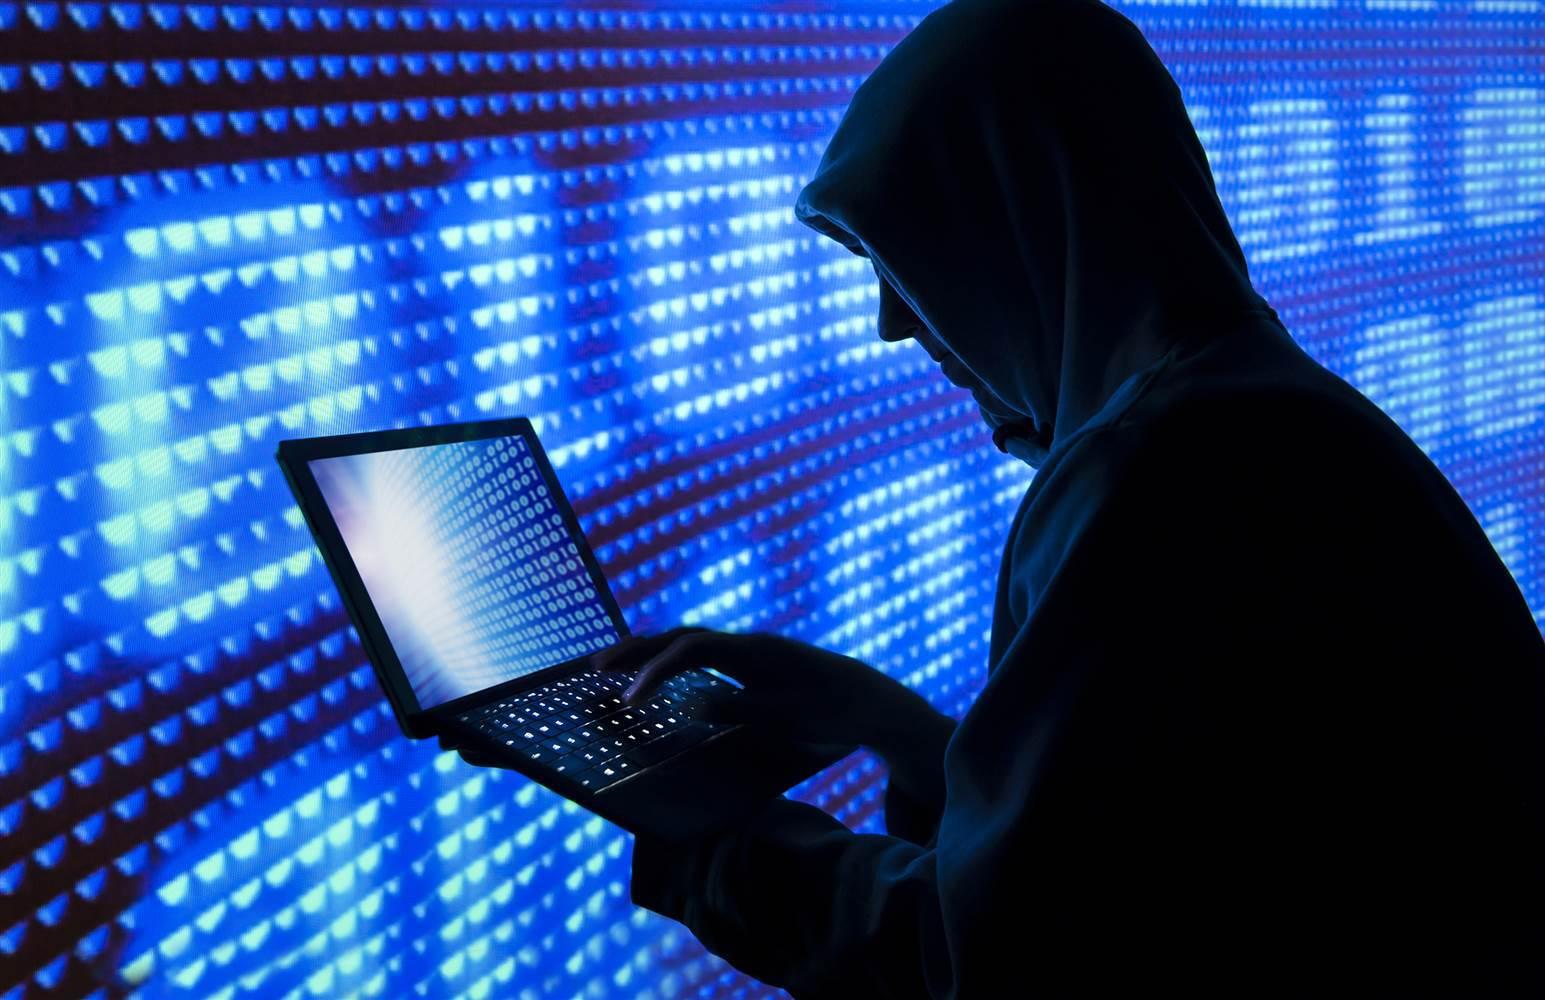 bitdefender-avertizeaza-asupra-unor-atacuri-informatice-avansate-asupra-bancilor-din-europa-de-est-